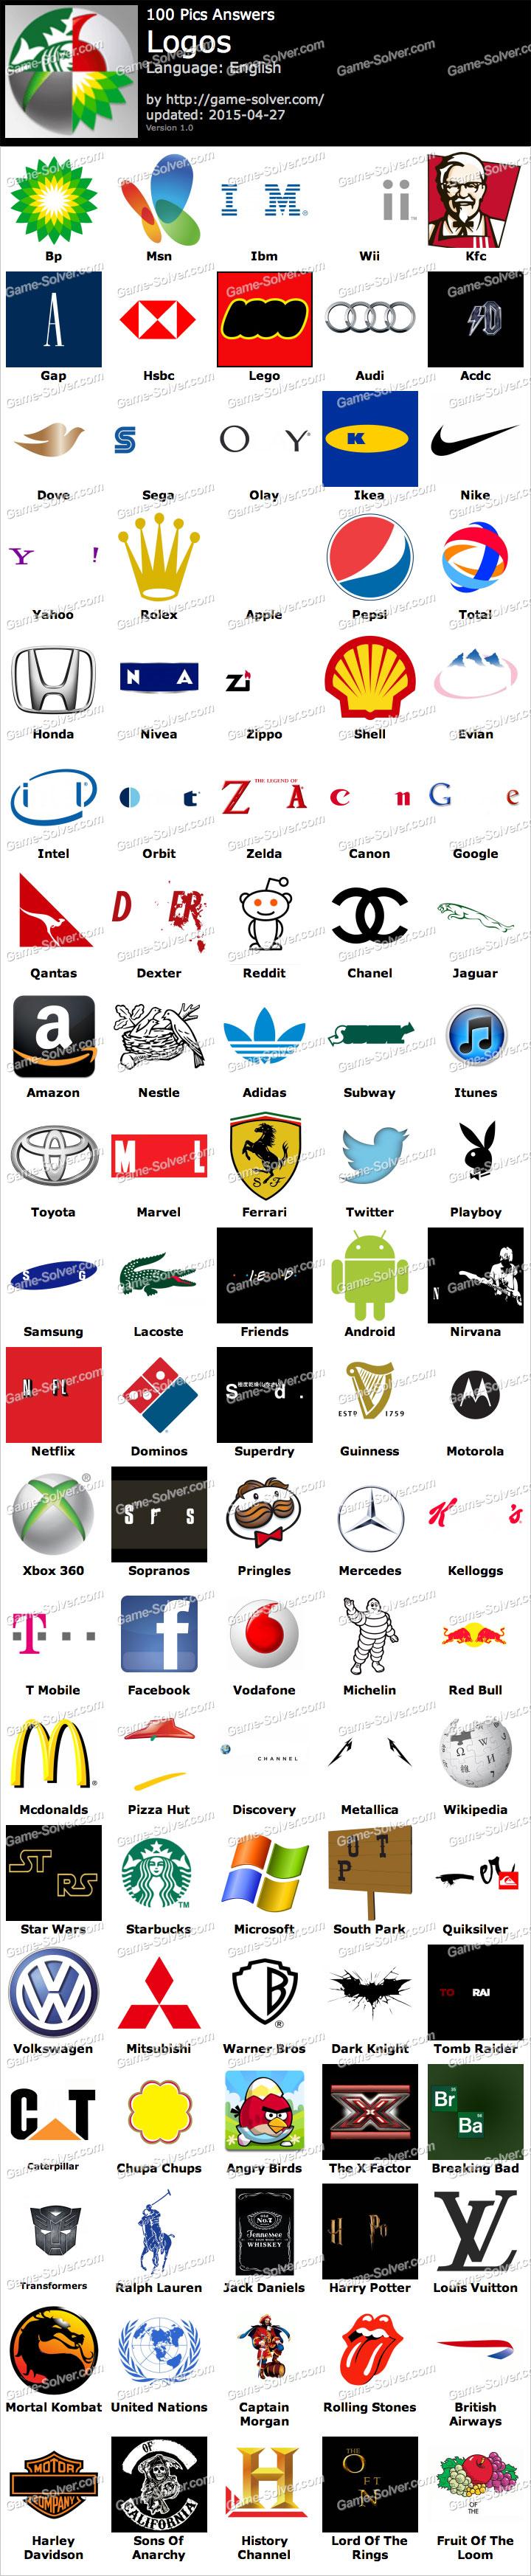 100 answers logo pics